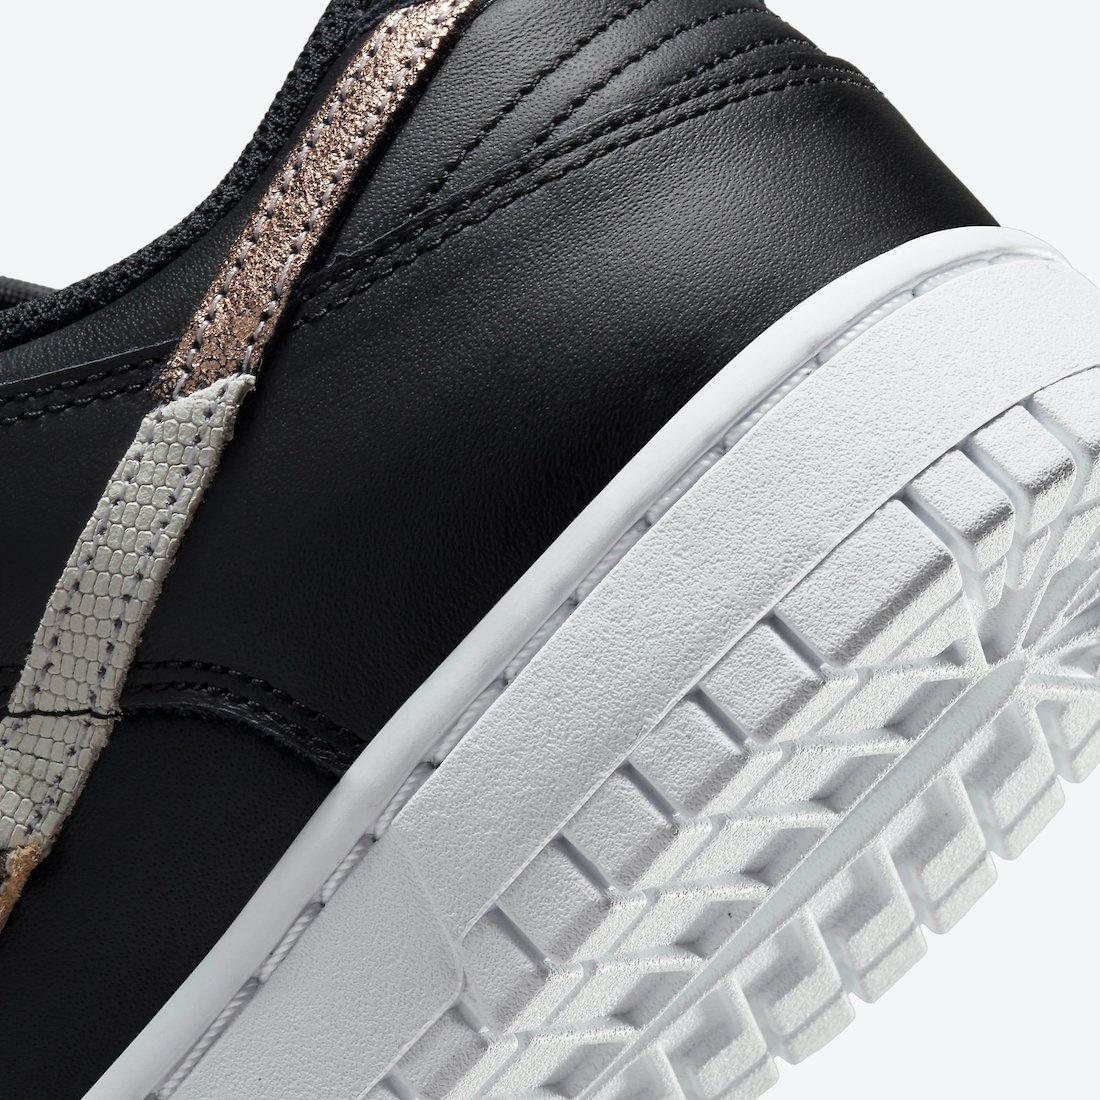 Nike Dunk Low Black WMNS DD7099-001 Release Date